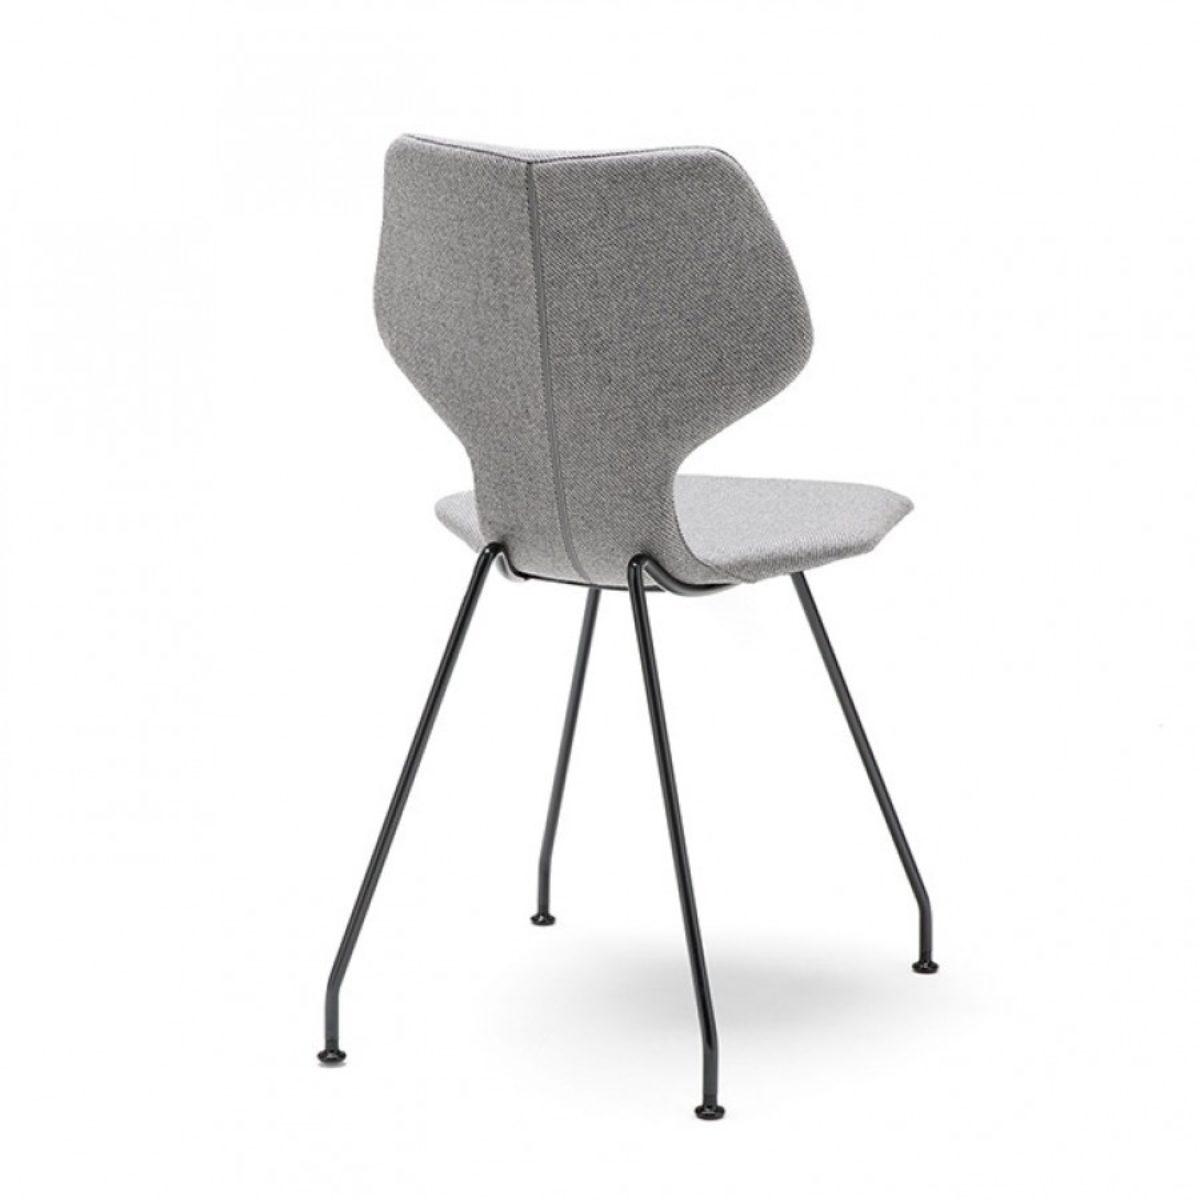 Designonstock com meubelen collectie eetkamer chair stoelen cavaletta 02